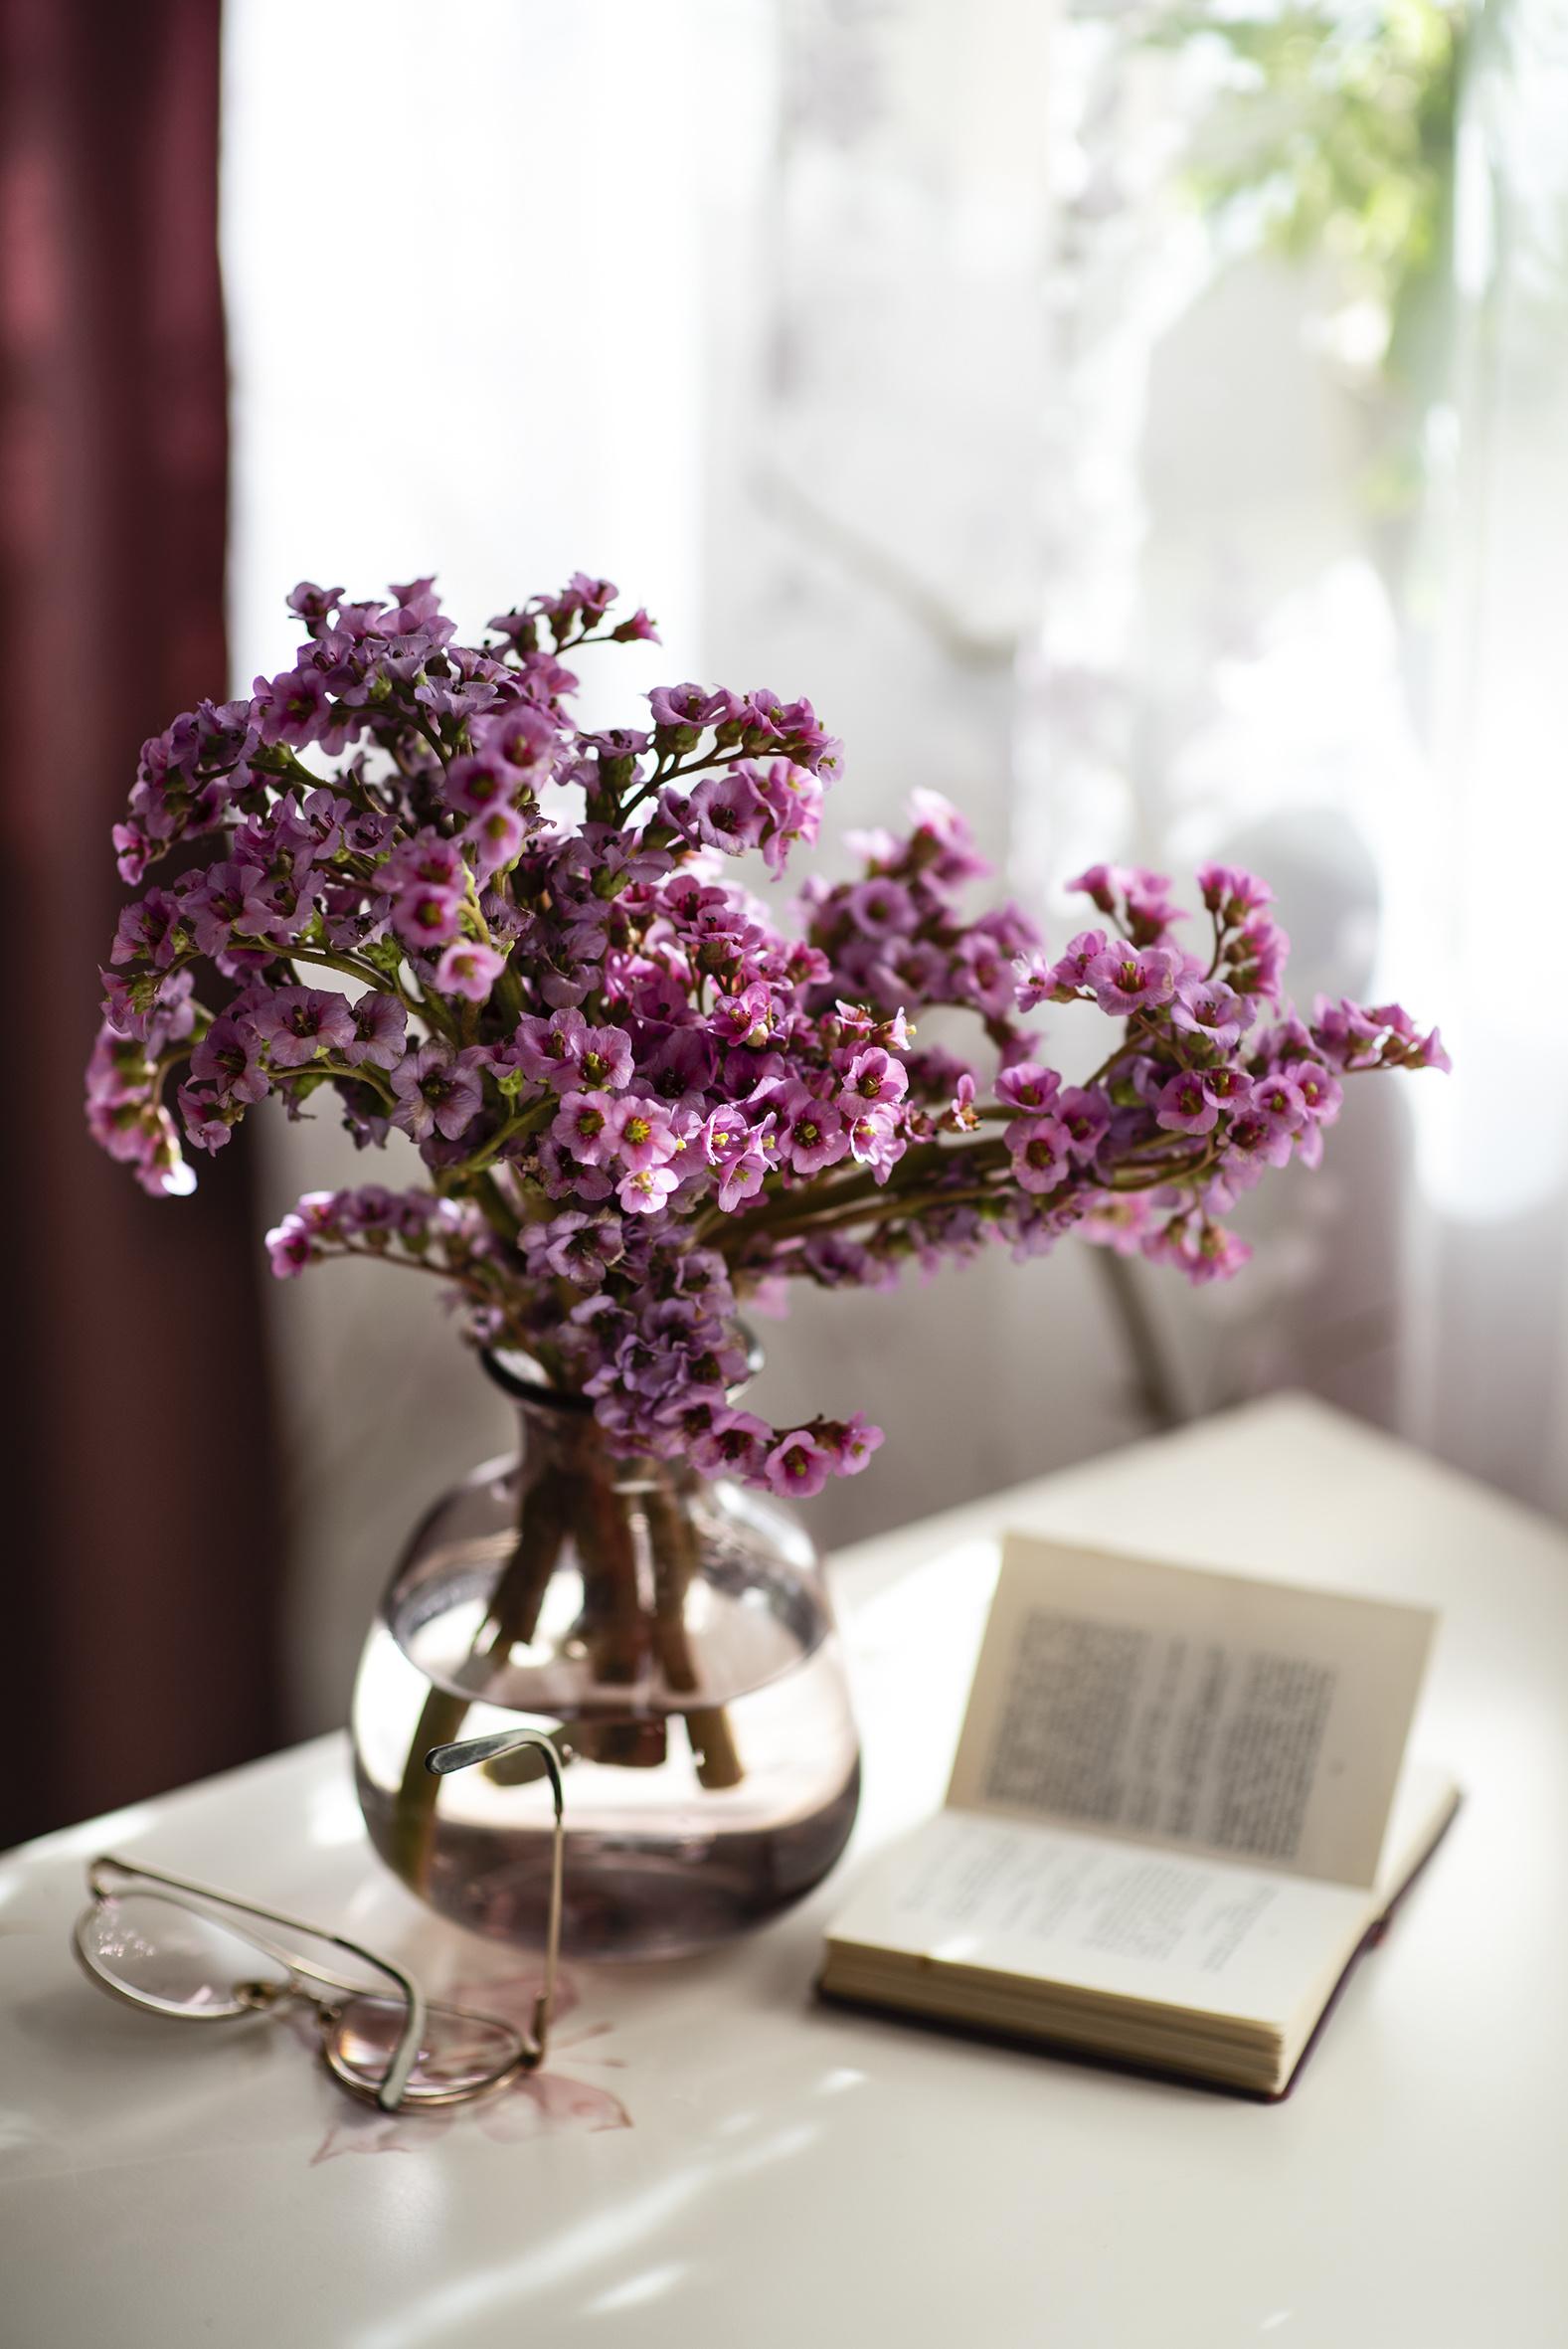 Desktop Hintergrundbilder Badan Blüte Vase Brille Bücher Stillleben  für Handy Blumen Buch